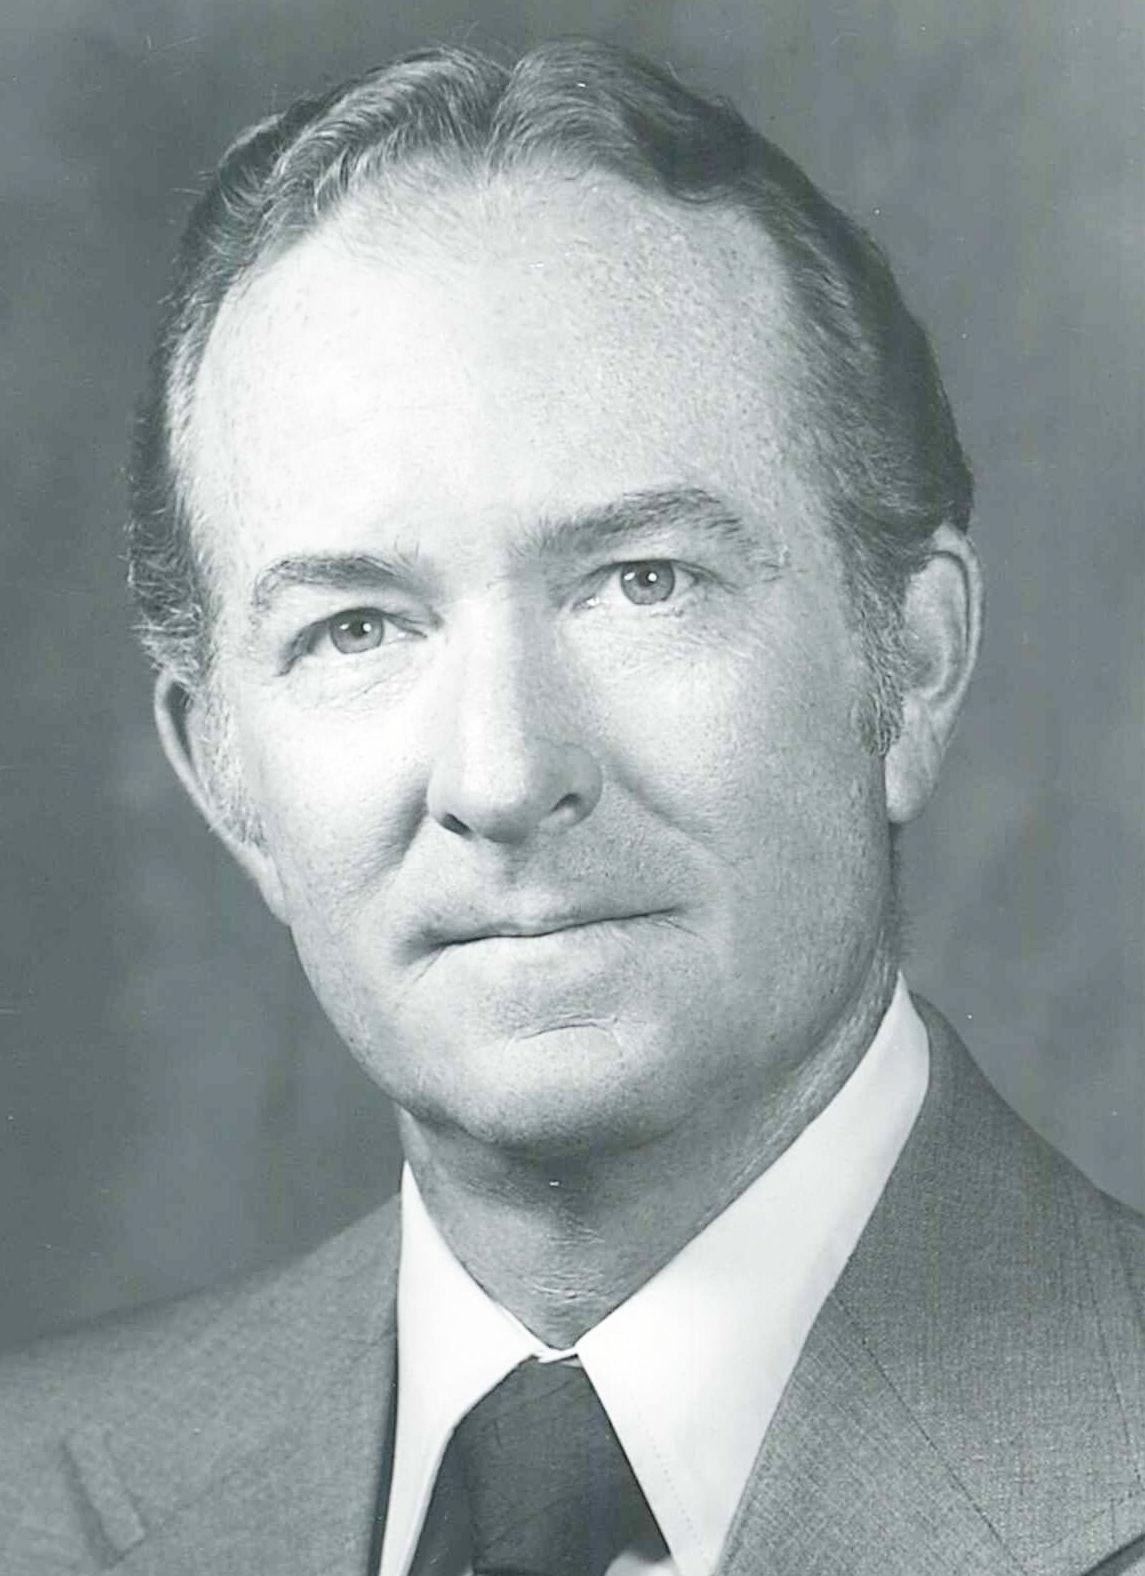 Craig Dorr